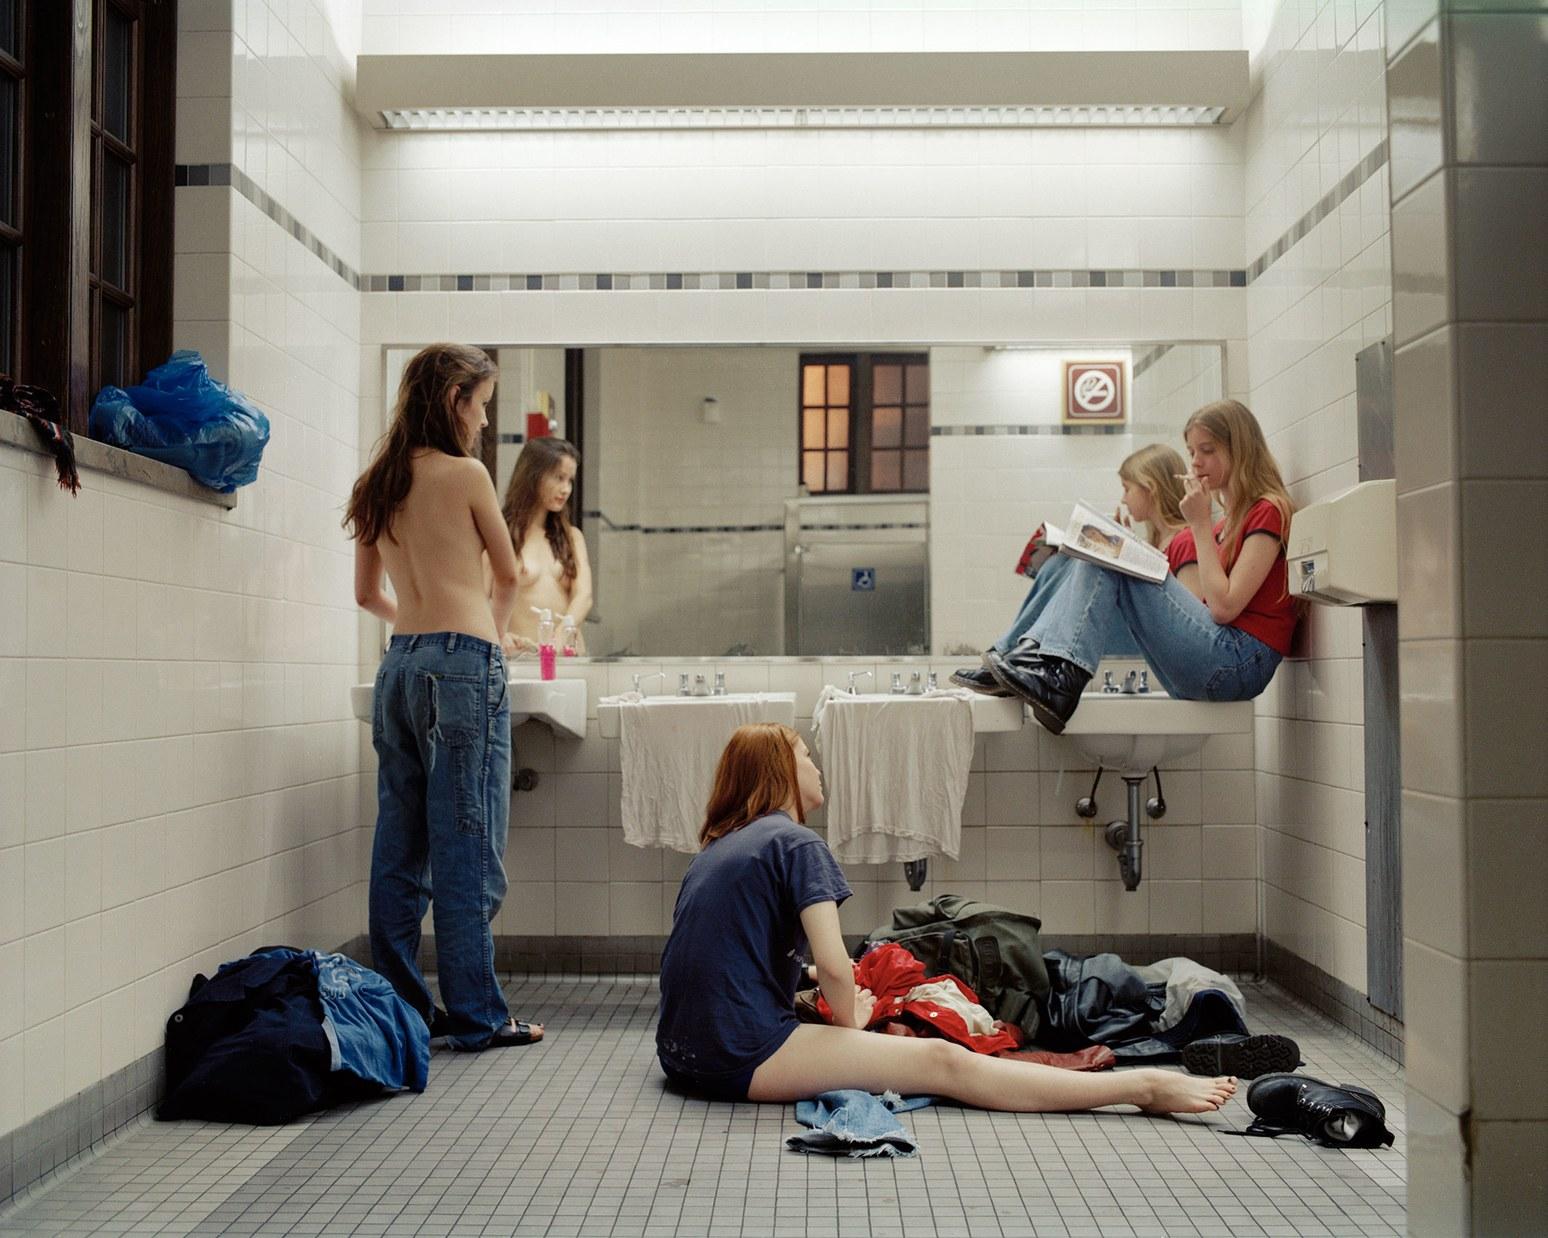 Fotoserie von  Justine Kurland